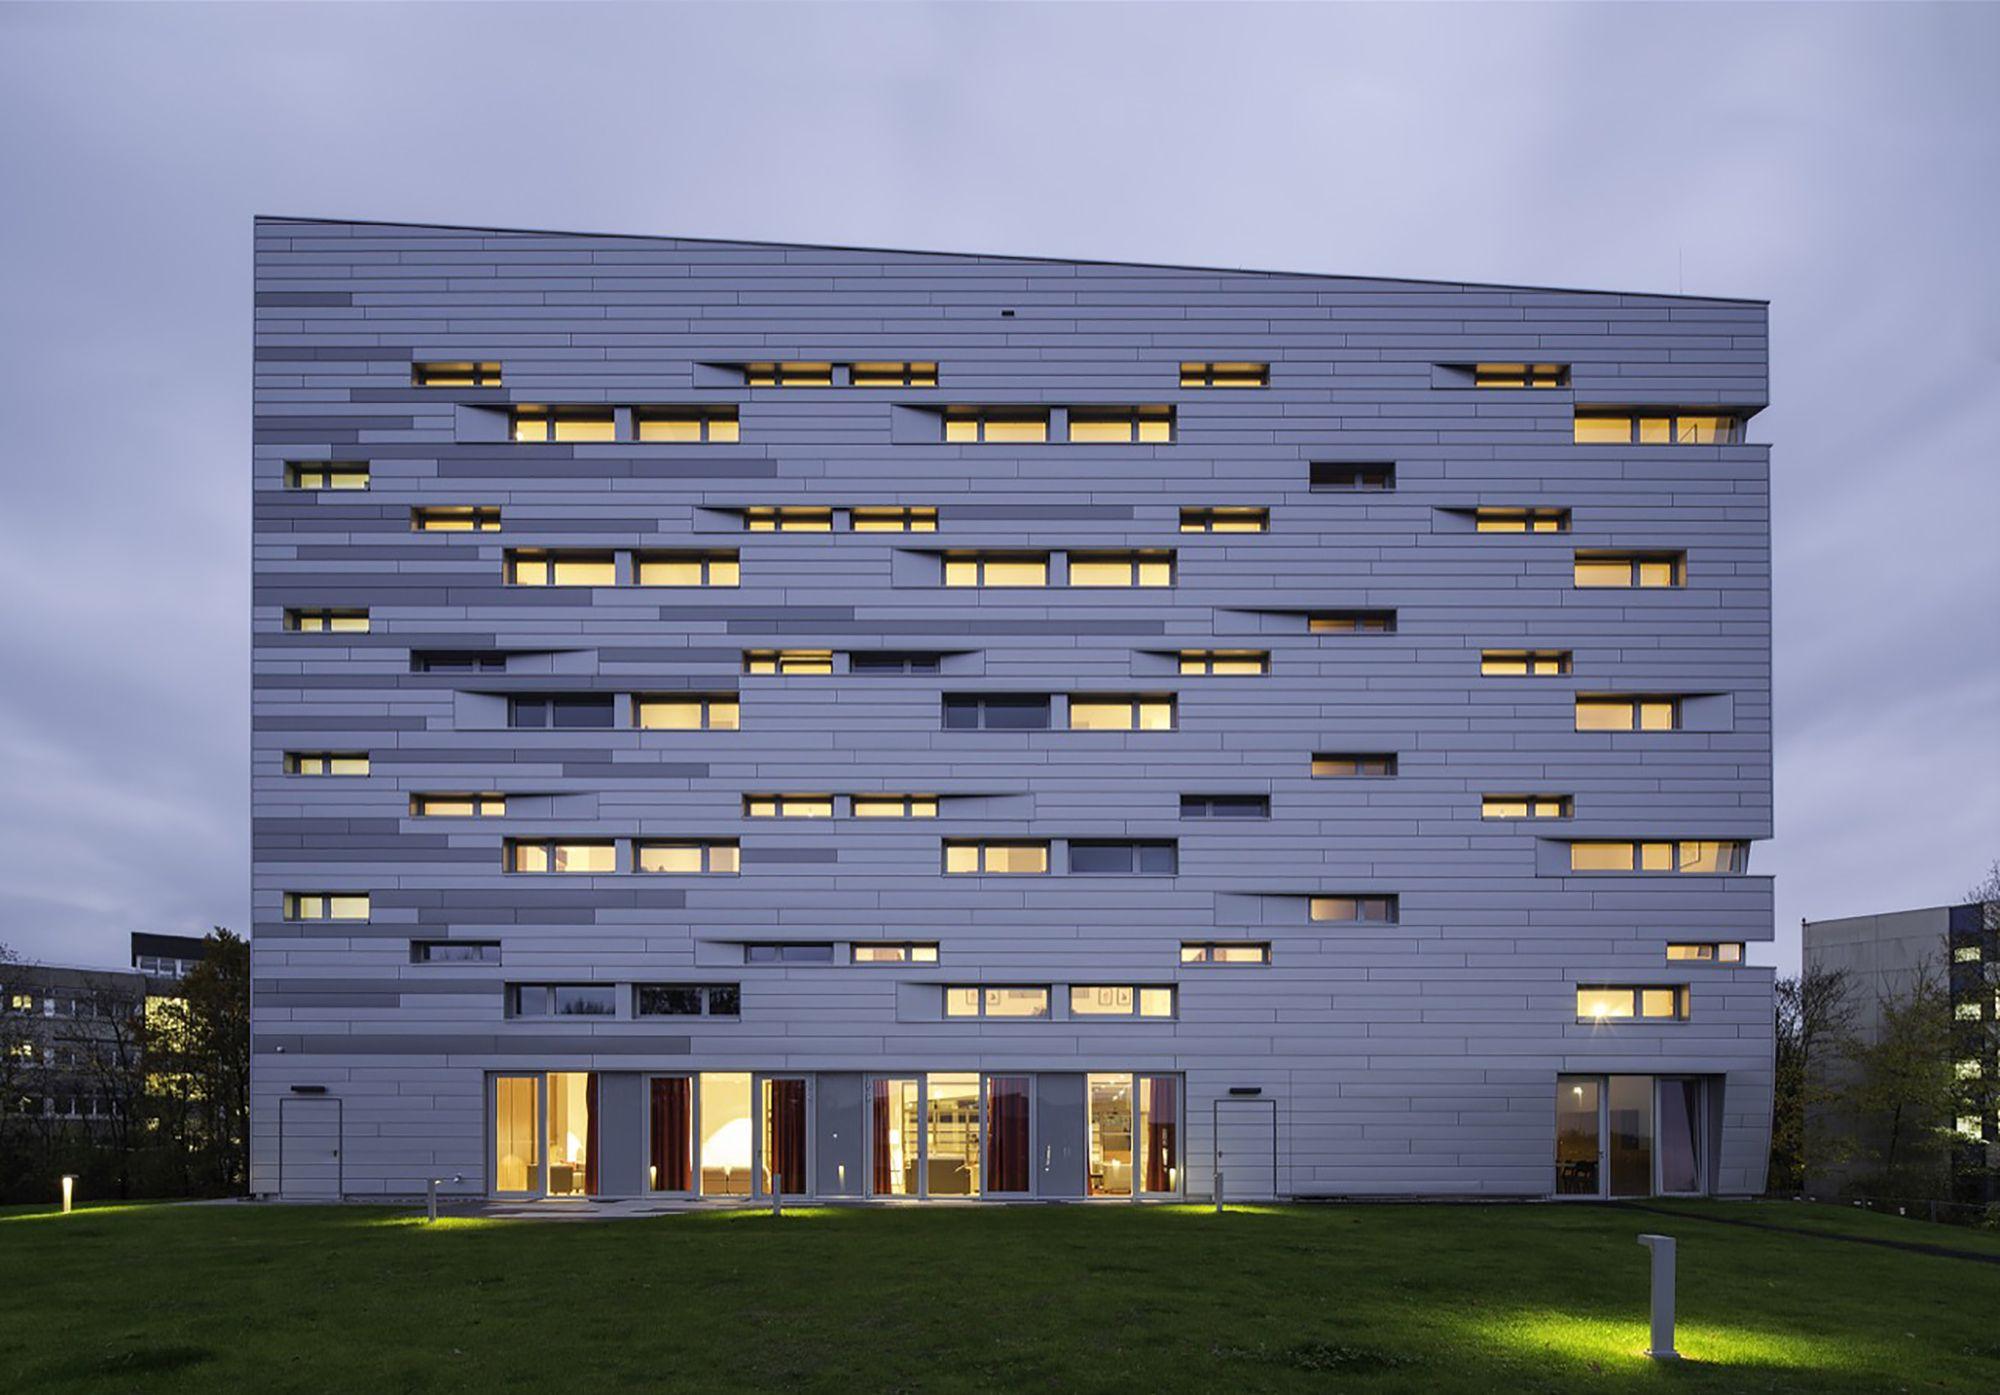 Imagem 6 de 19 da galeria de Casa Sankt Augustin / Graft. Fotografia de Tobias Hein